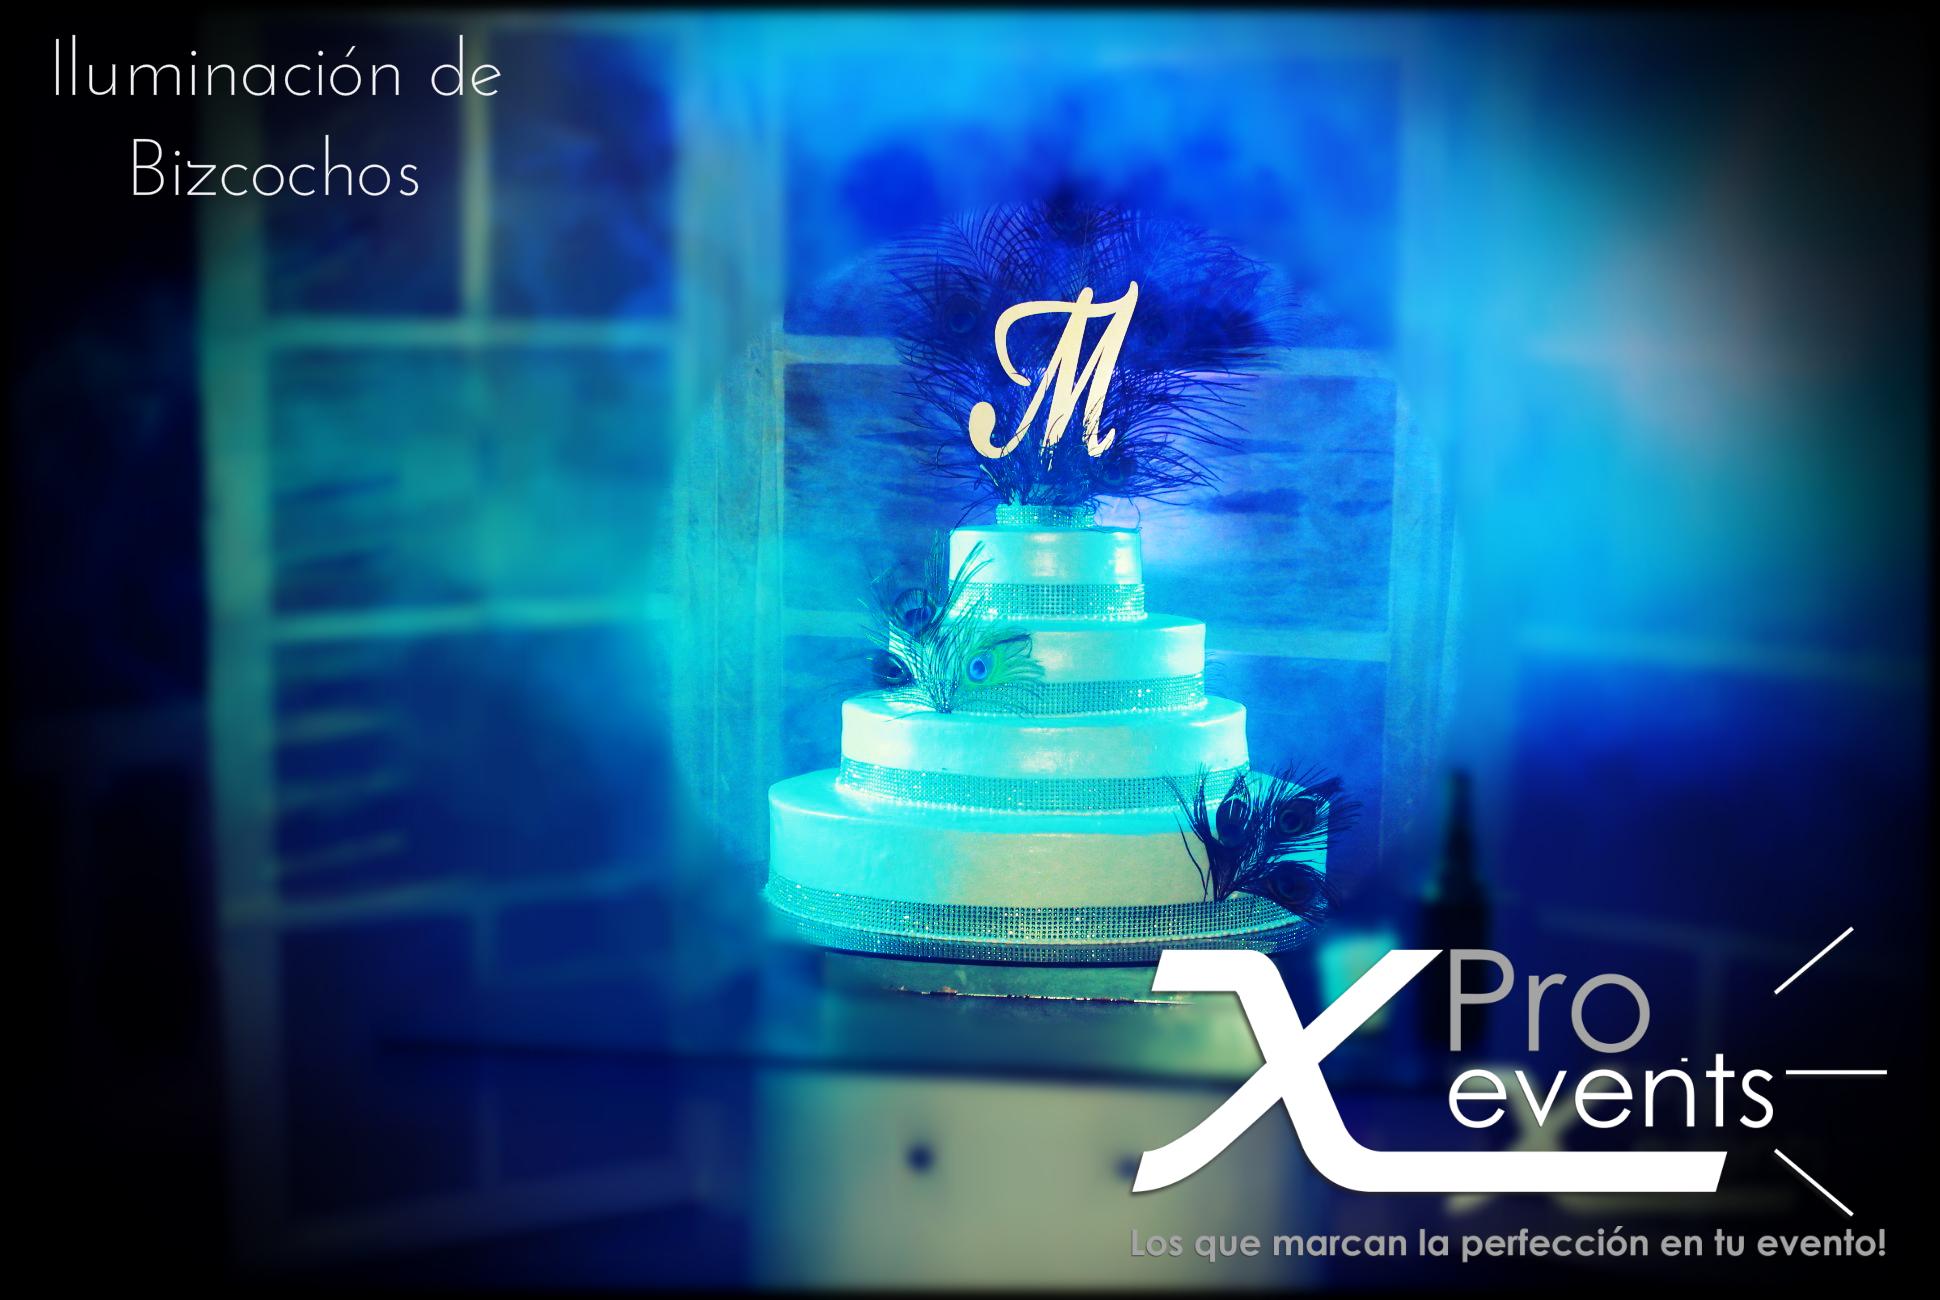 www.Xproevents.com - Sacamos el brillo de tu bizcocho.JPG